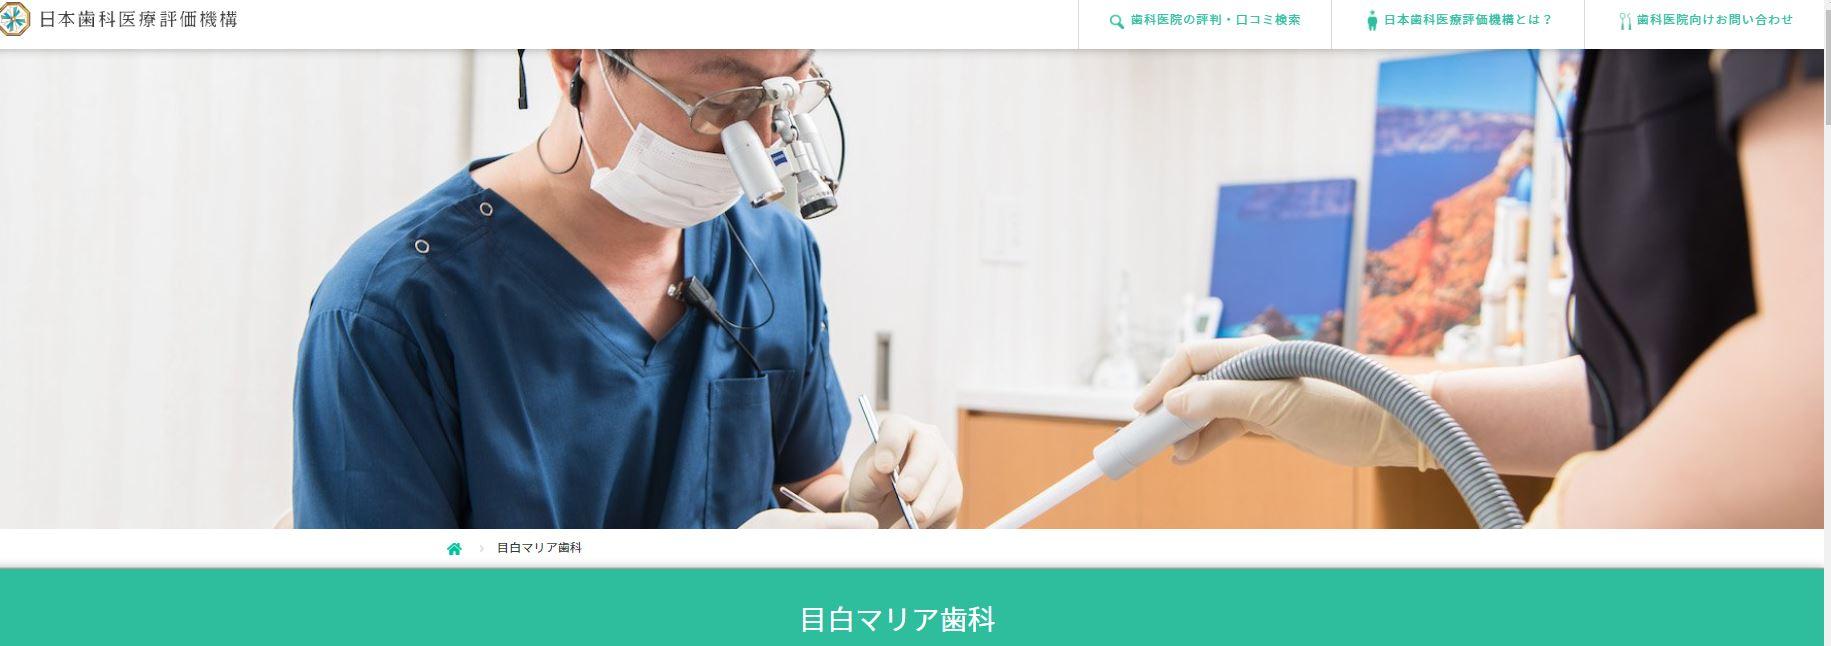 目白マリア歯科日本歯科医療評価機構のページ